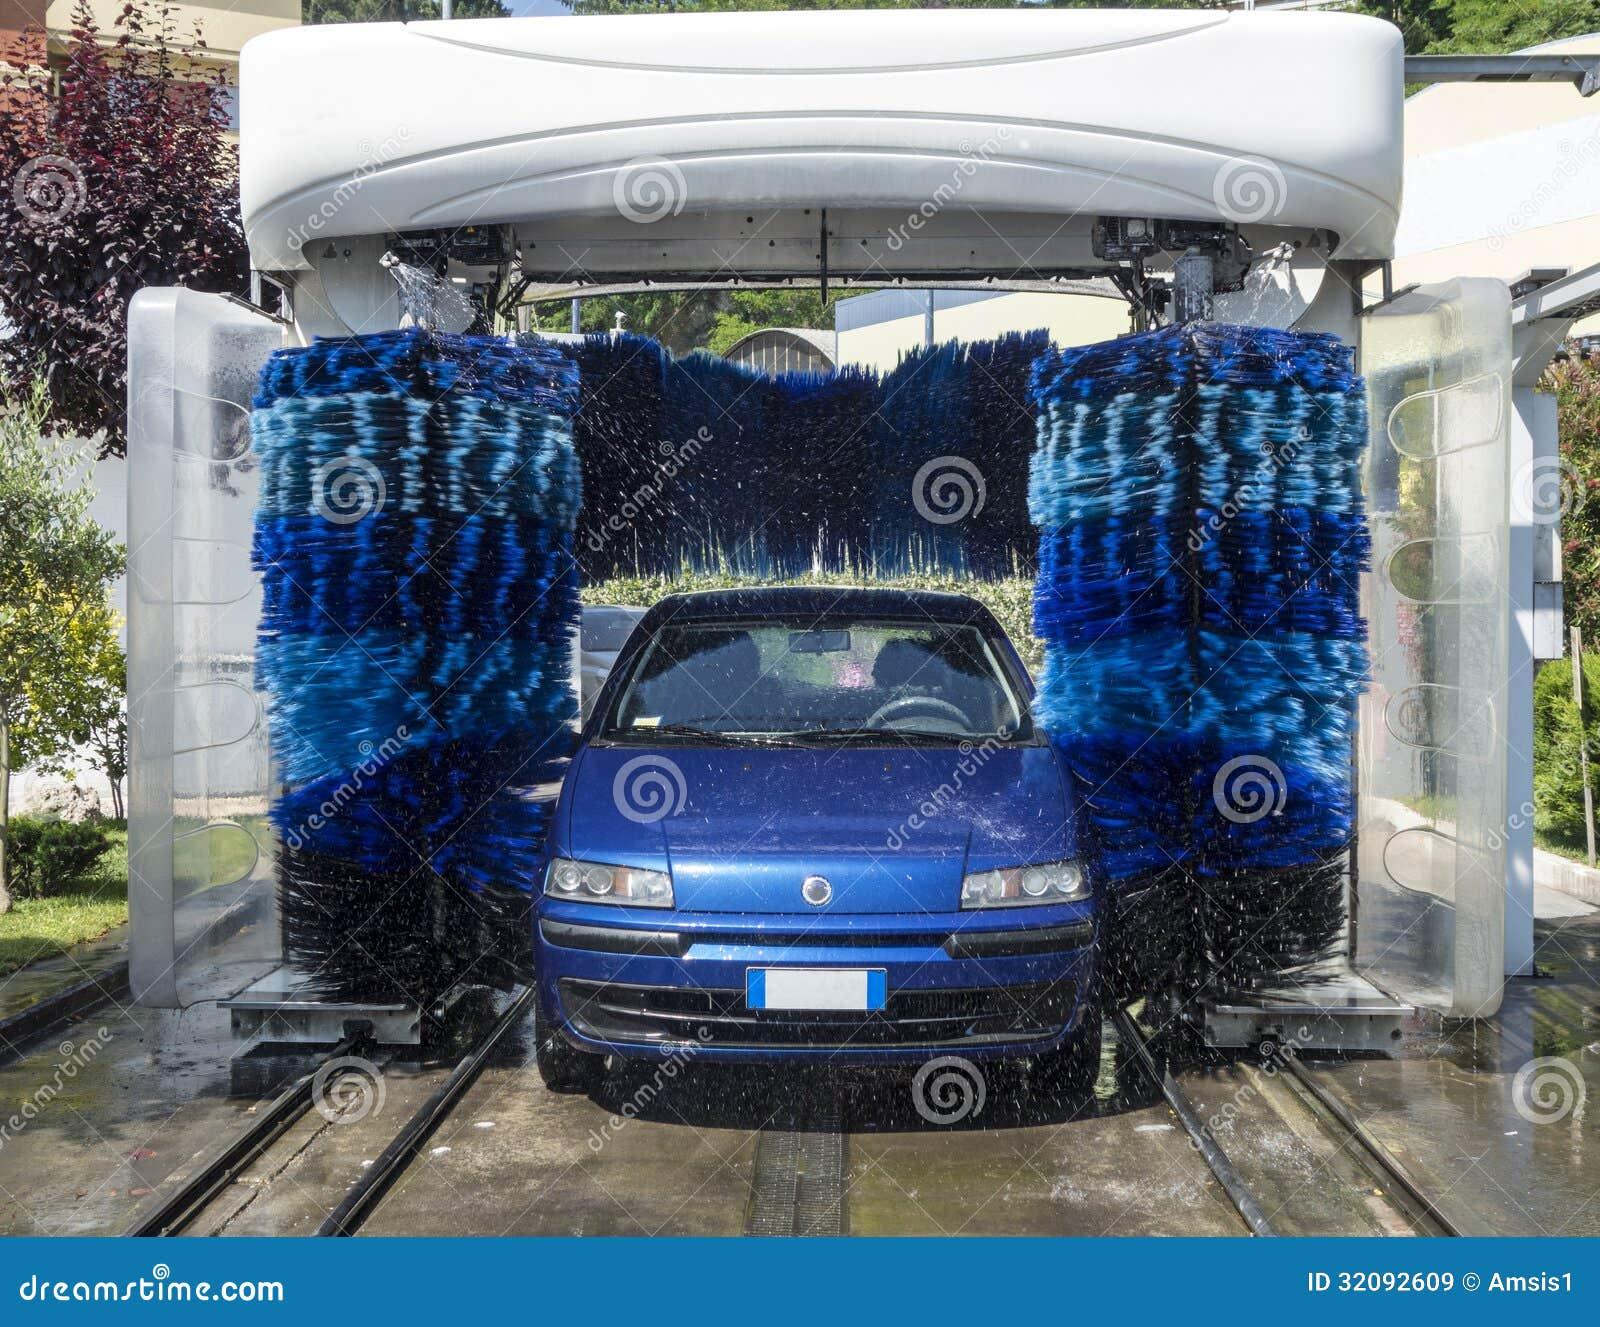 voiture dans le lavage automatique image stock image 32092609. Black Bedroom Furniture Sets. Home Design Ideas